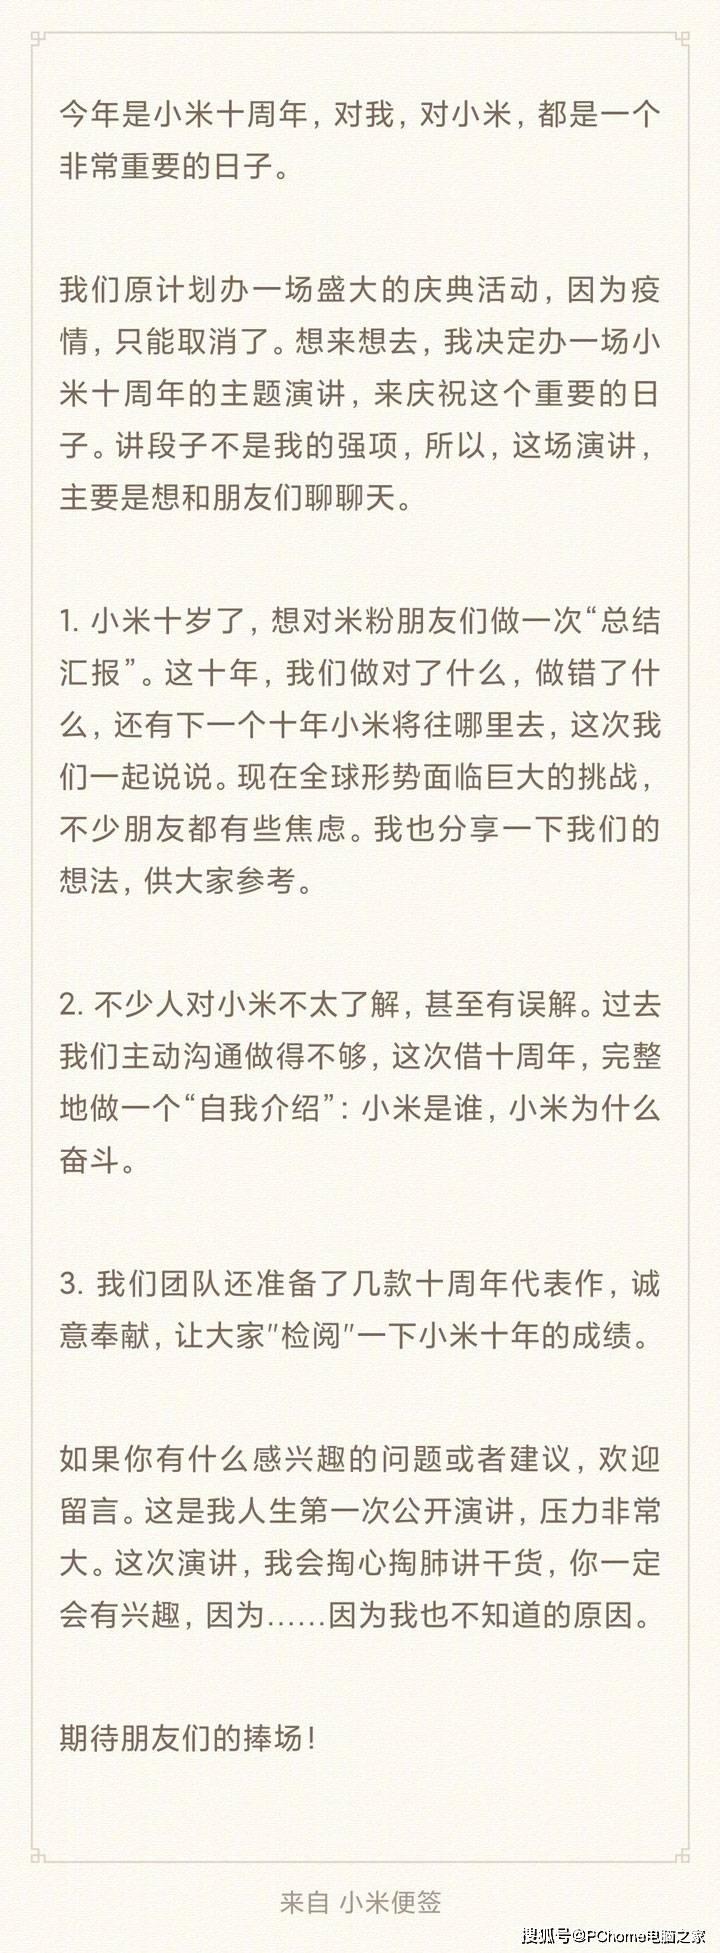 红酸枝红木家具小米筹办10周年主题演讲